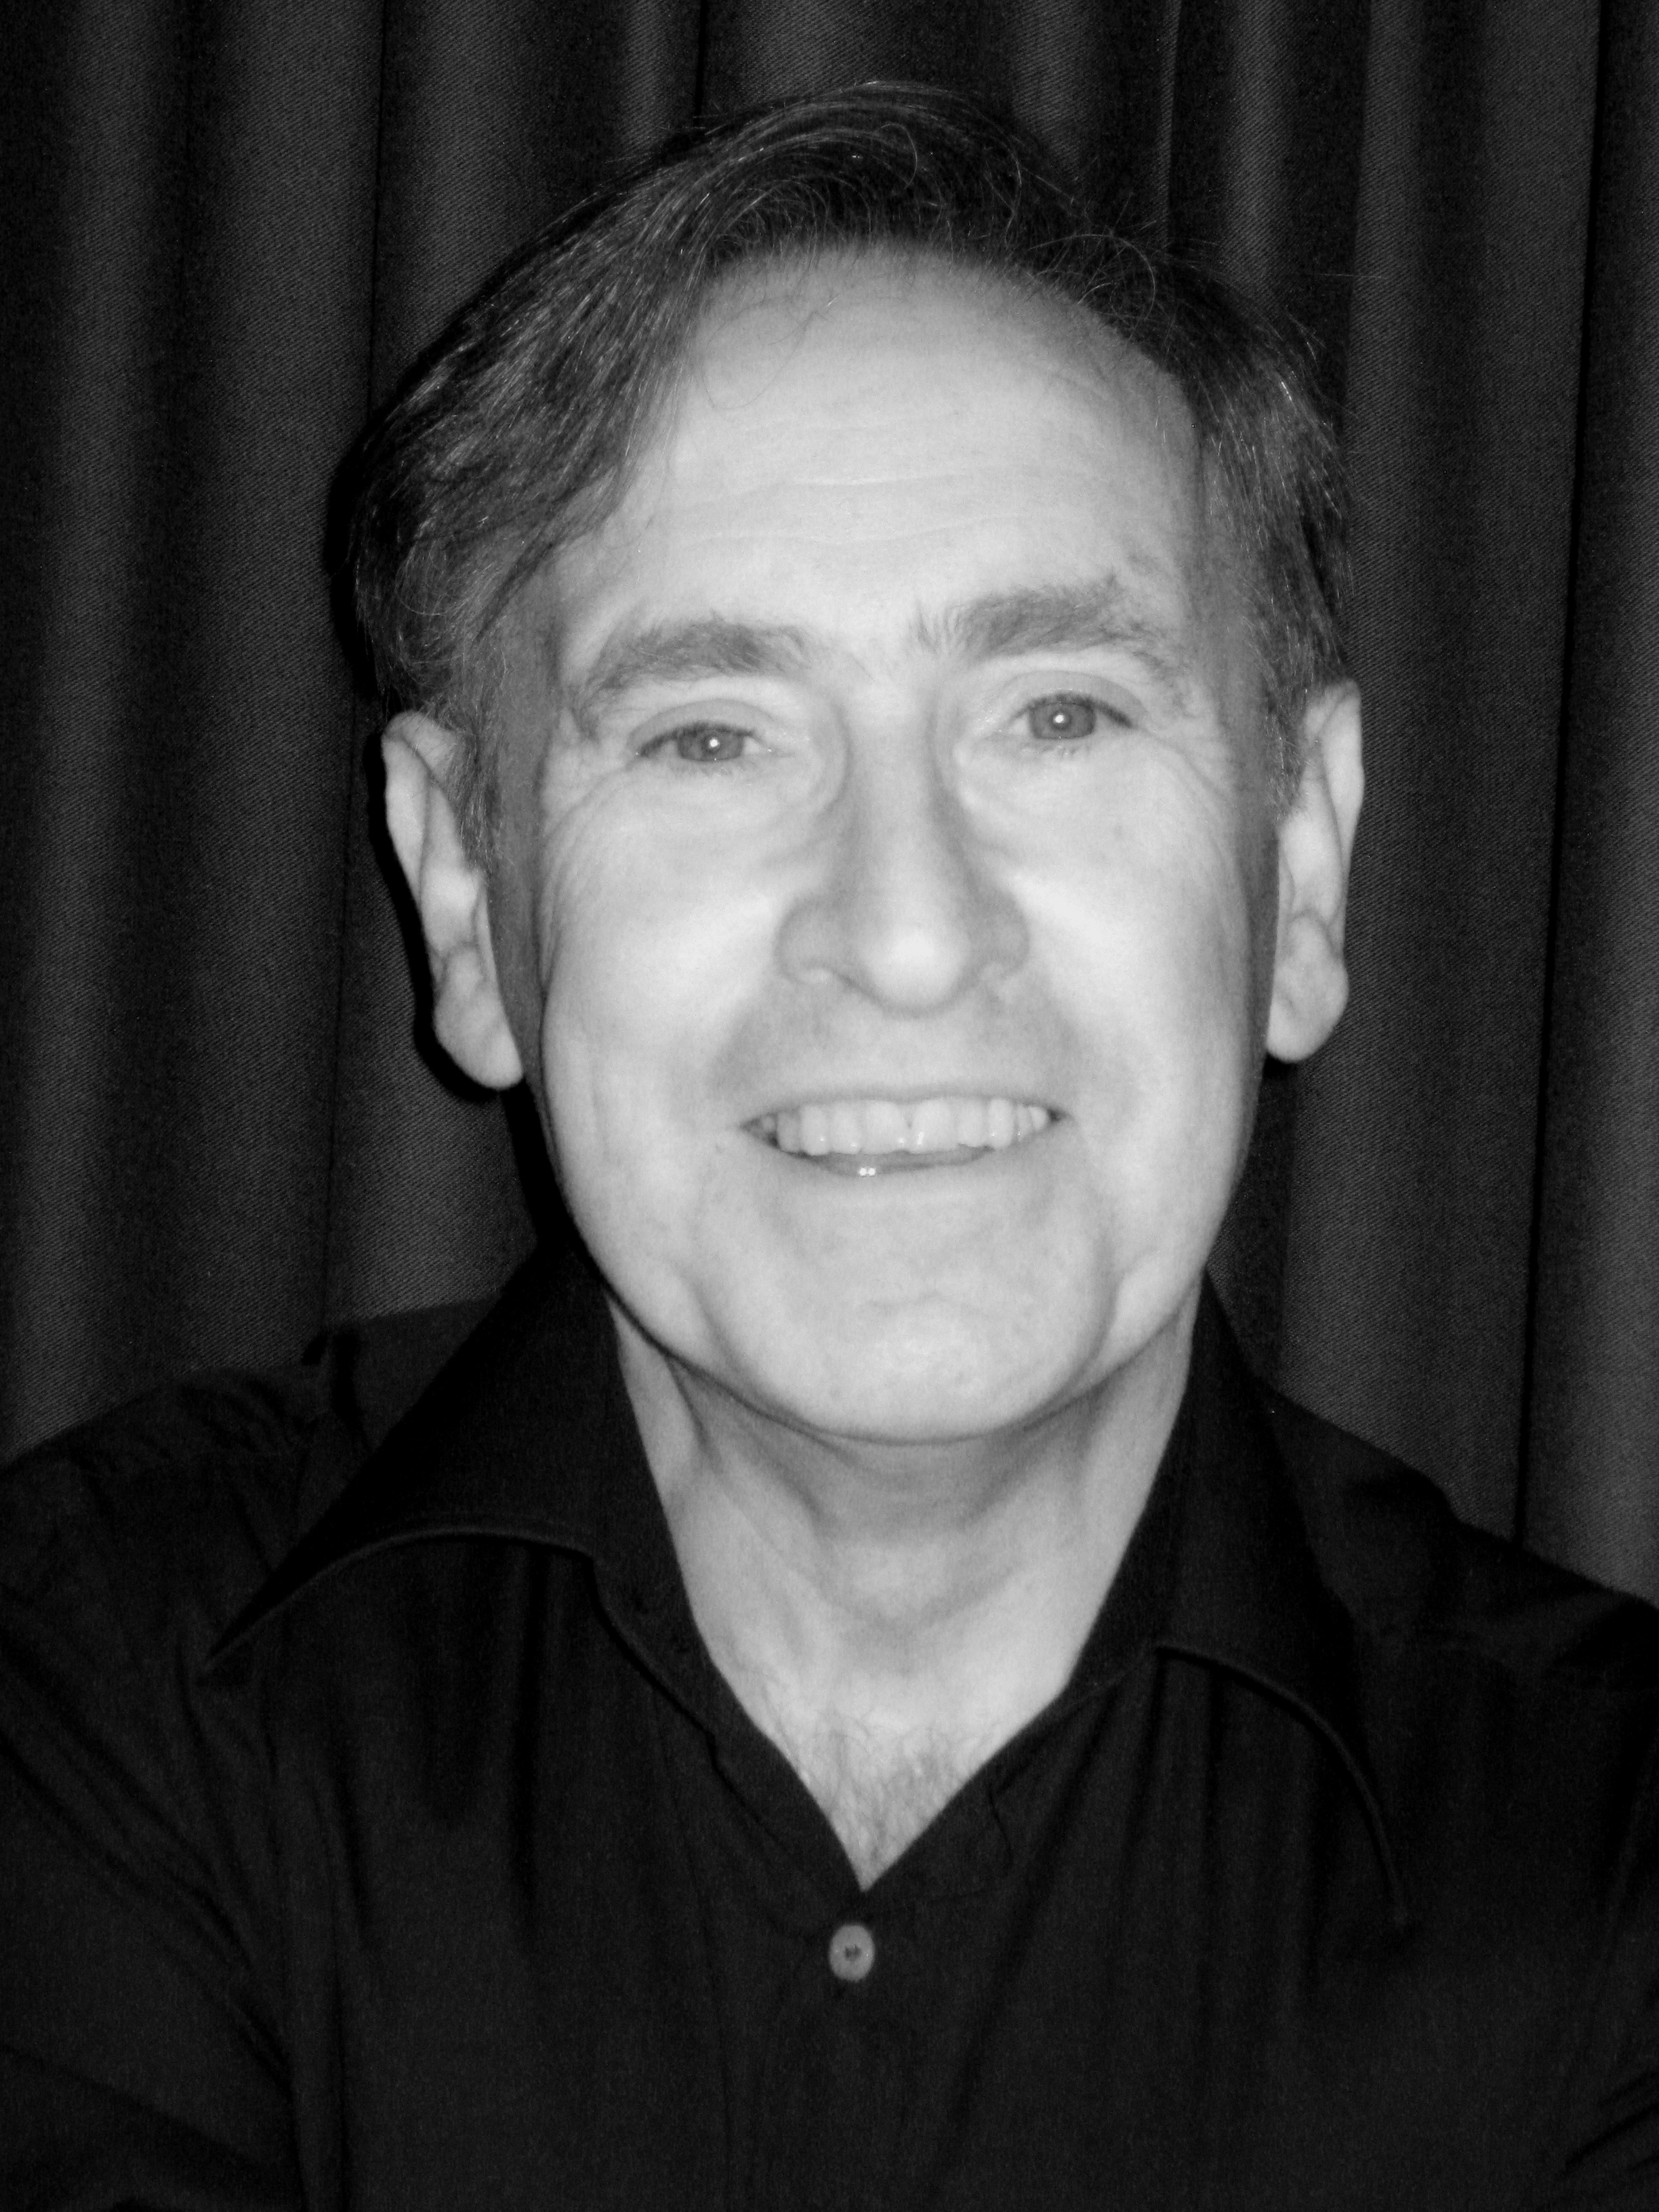 John Matthews - John Faa/ President